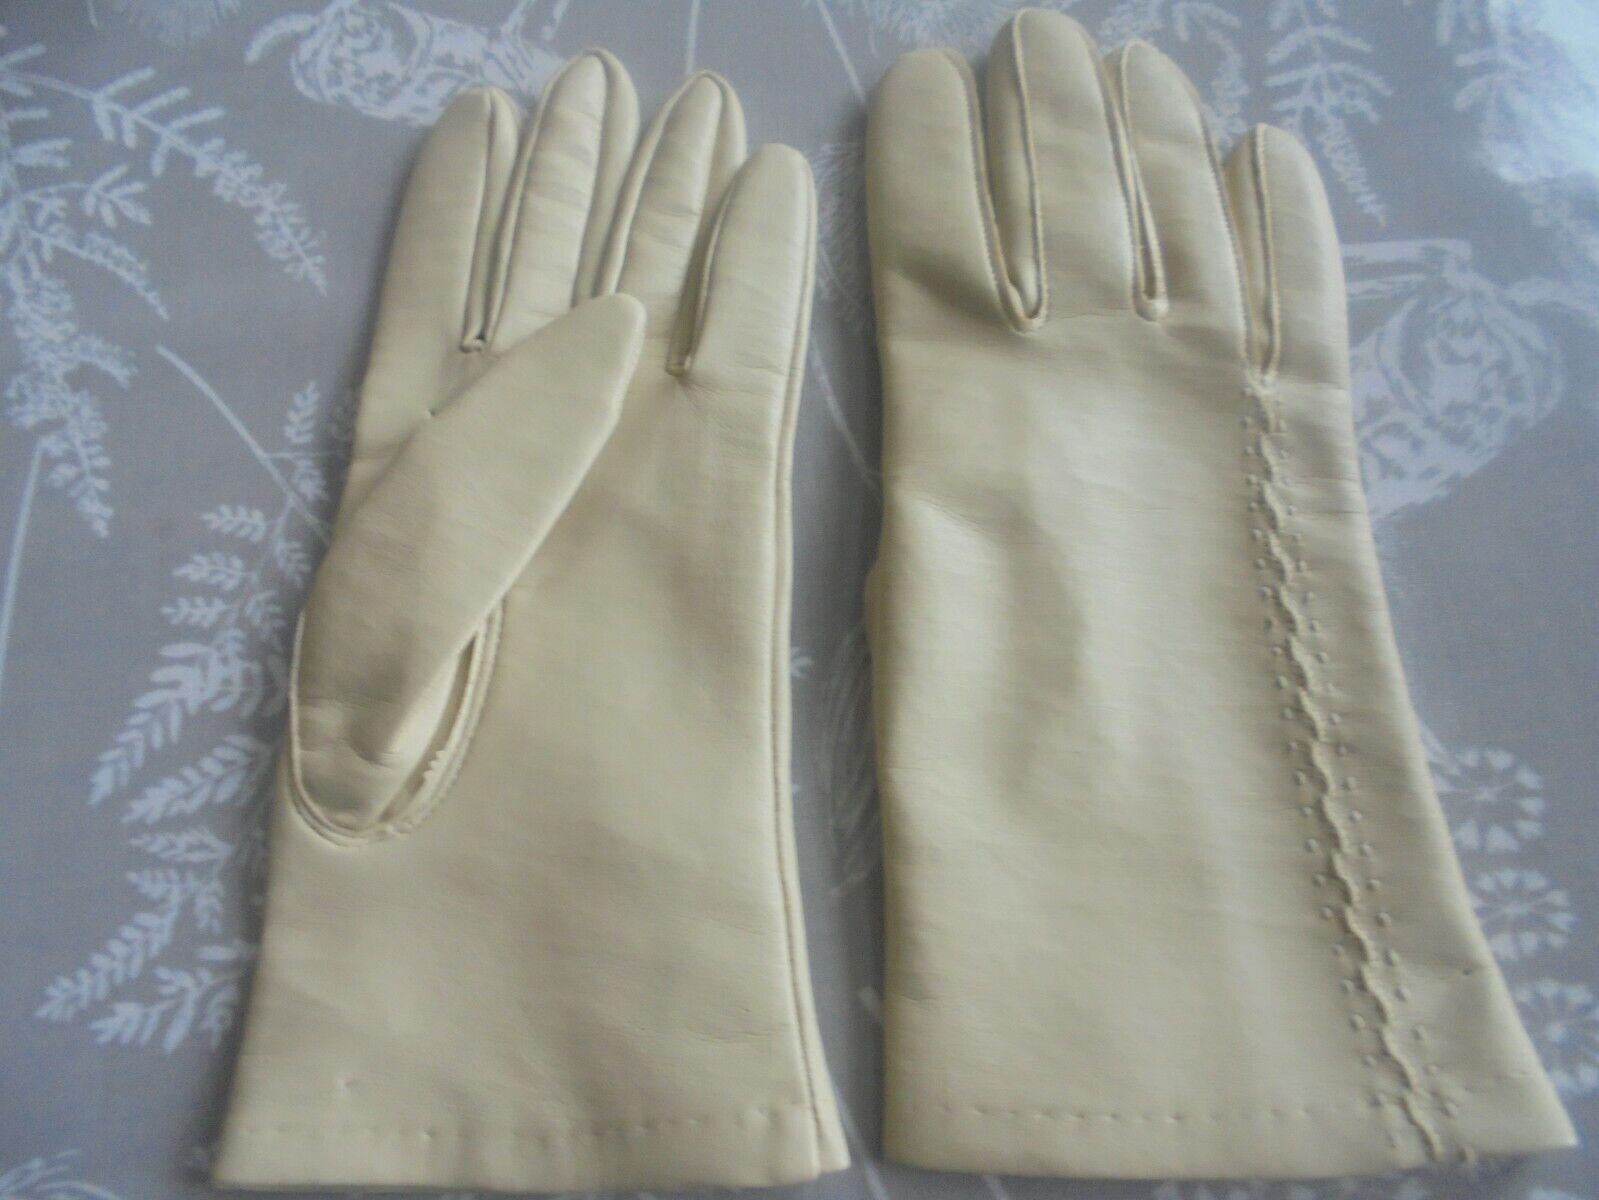 * Unworn Vintage DENTS Vinyl Gloves With Stitched Detail Size 7 1/2. Cream